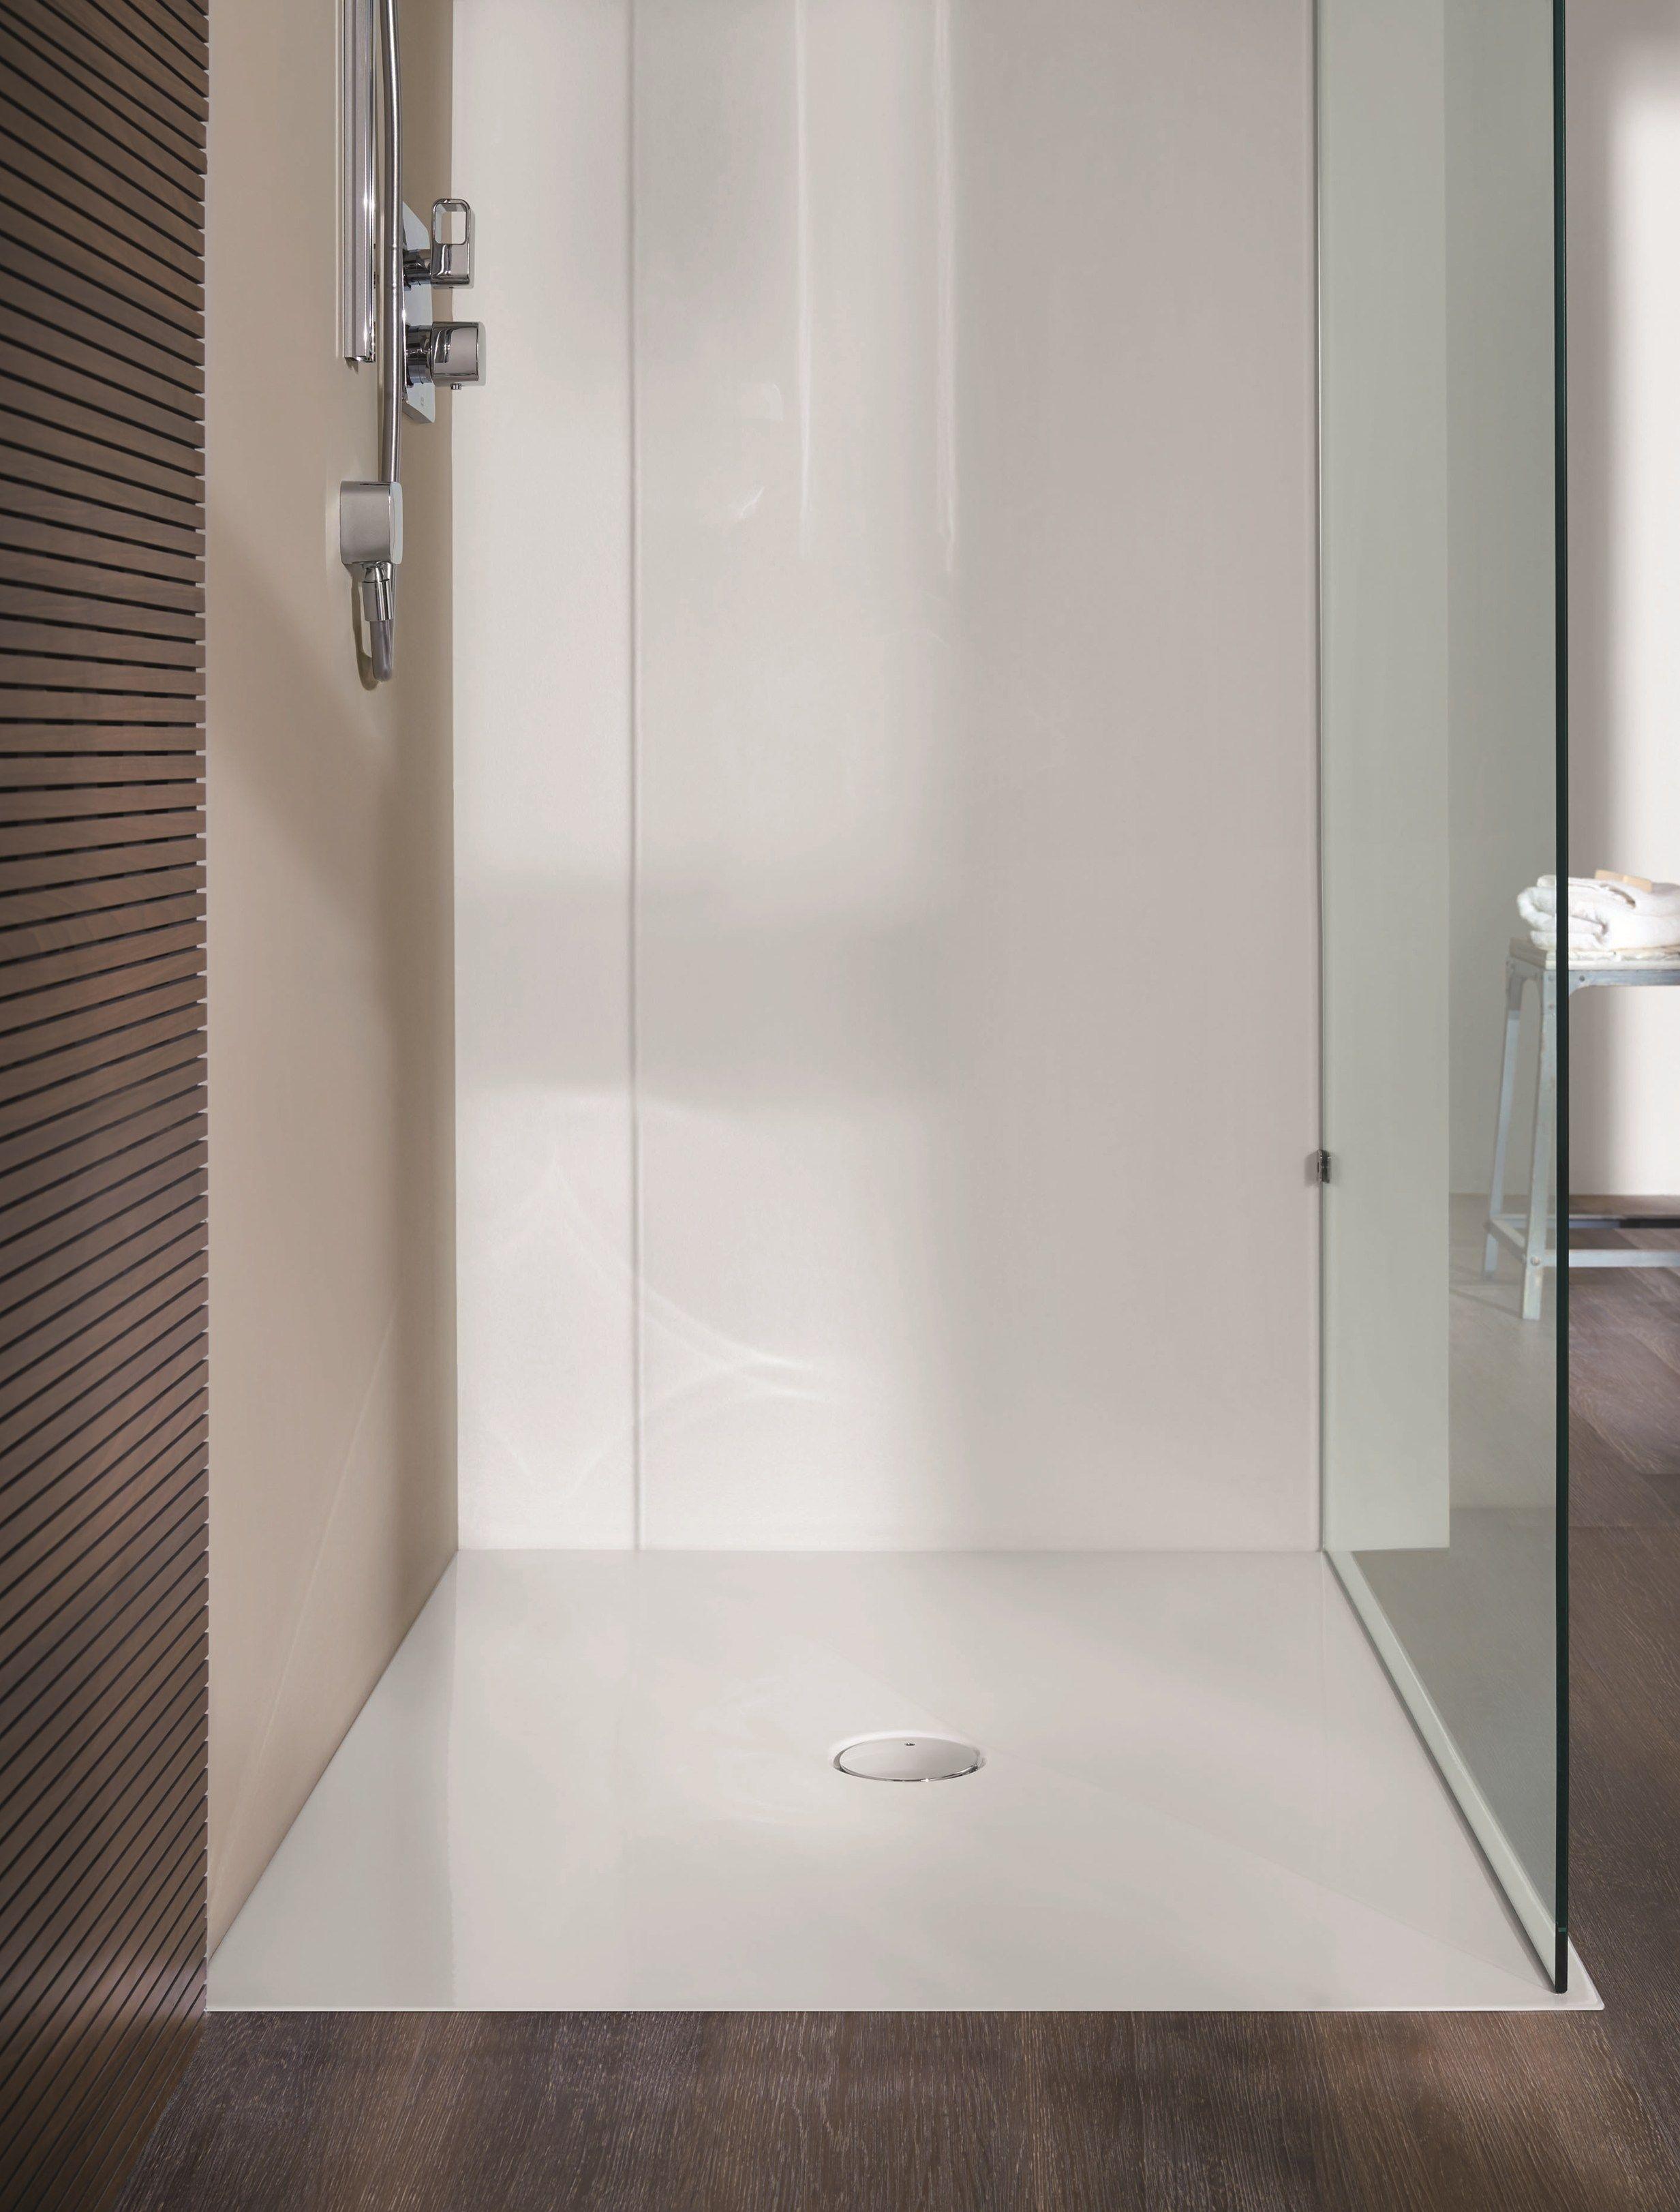 Piatto doccia filo pavimento rettangolare in acciaio